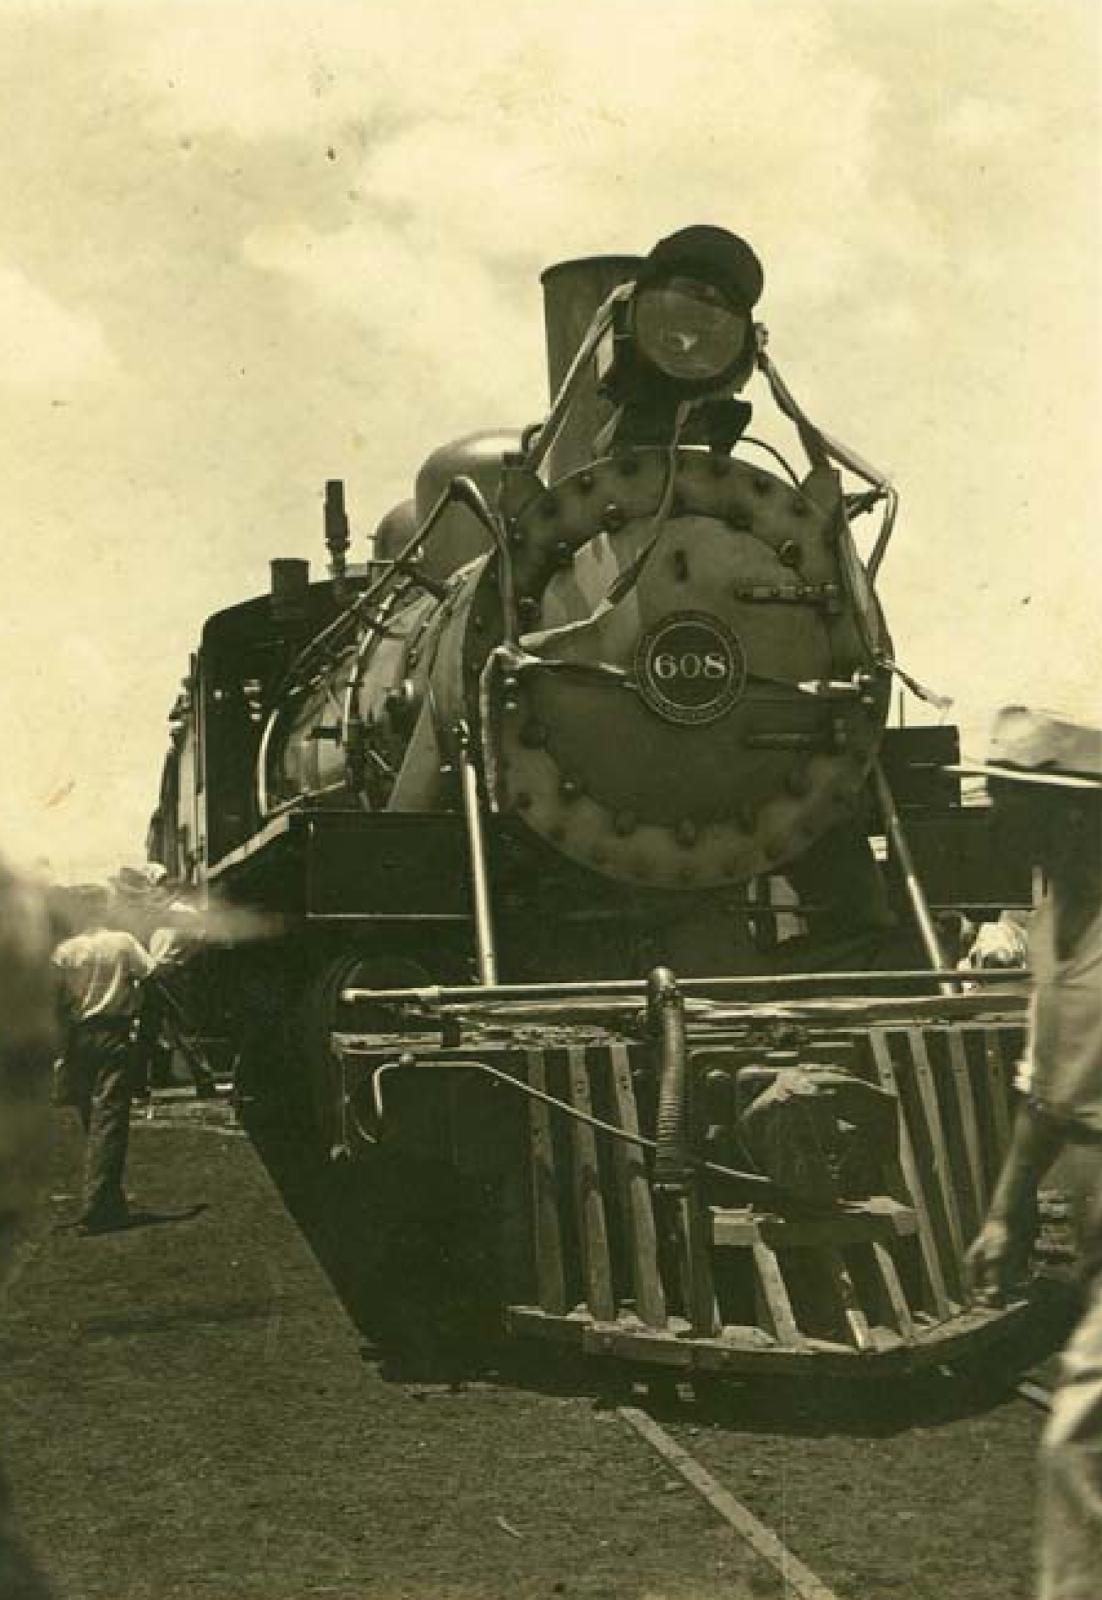 Locomotiva 608 (Maria Fumaça) - 1954